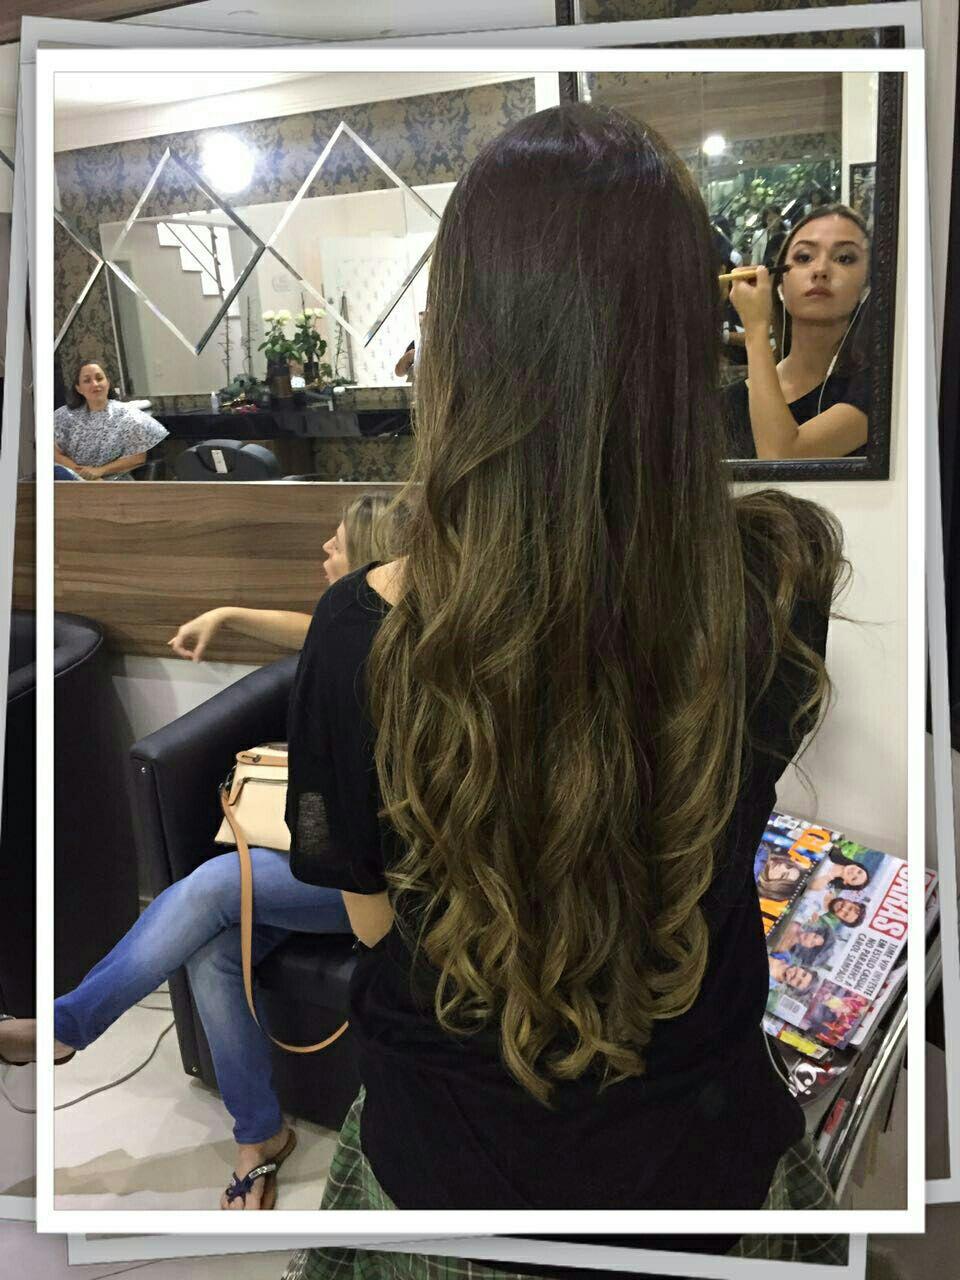 Ombré esfumado auxiliar cabeleireiro(a) auxiliar cabeleireiro(a) auxiliar cabeleireiro(a) auxiliar cabeleireiro(a) auxiliar cabeleireiro(a) barbeiro(a) cabeleireiro(a) escovista escovista stylist / visagista auxiliar cabeleireiro(a) barbeiro(a) auxiliar cabeleireiro(a) cabeleireiro(a) cabeleireiro(a) cabeleireiro(a) cabeleireiro(a)